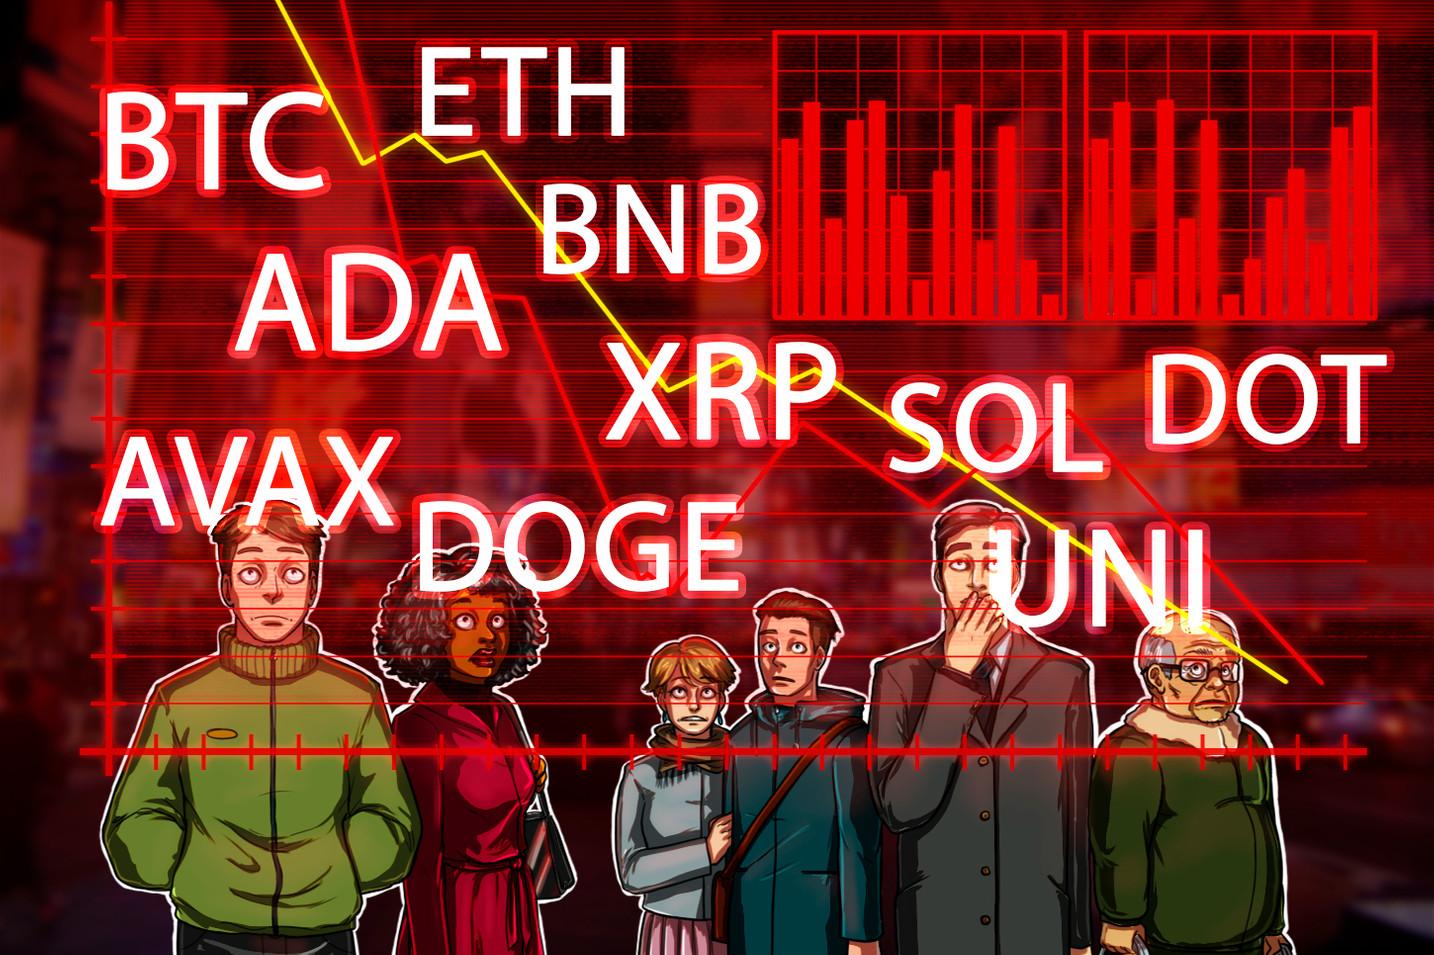 サポートからの反発なるか 仮想通貨チャート分析:ビットコイン・イーサ・XRP(リップル)